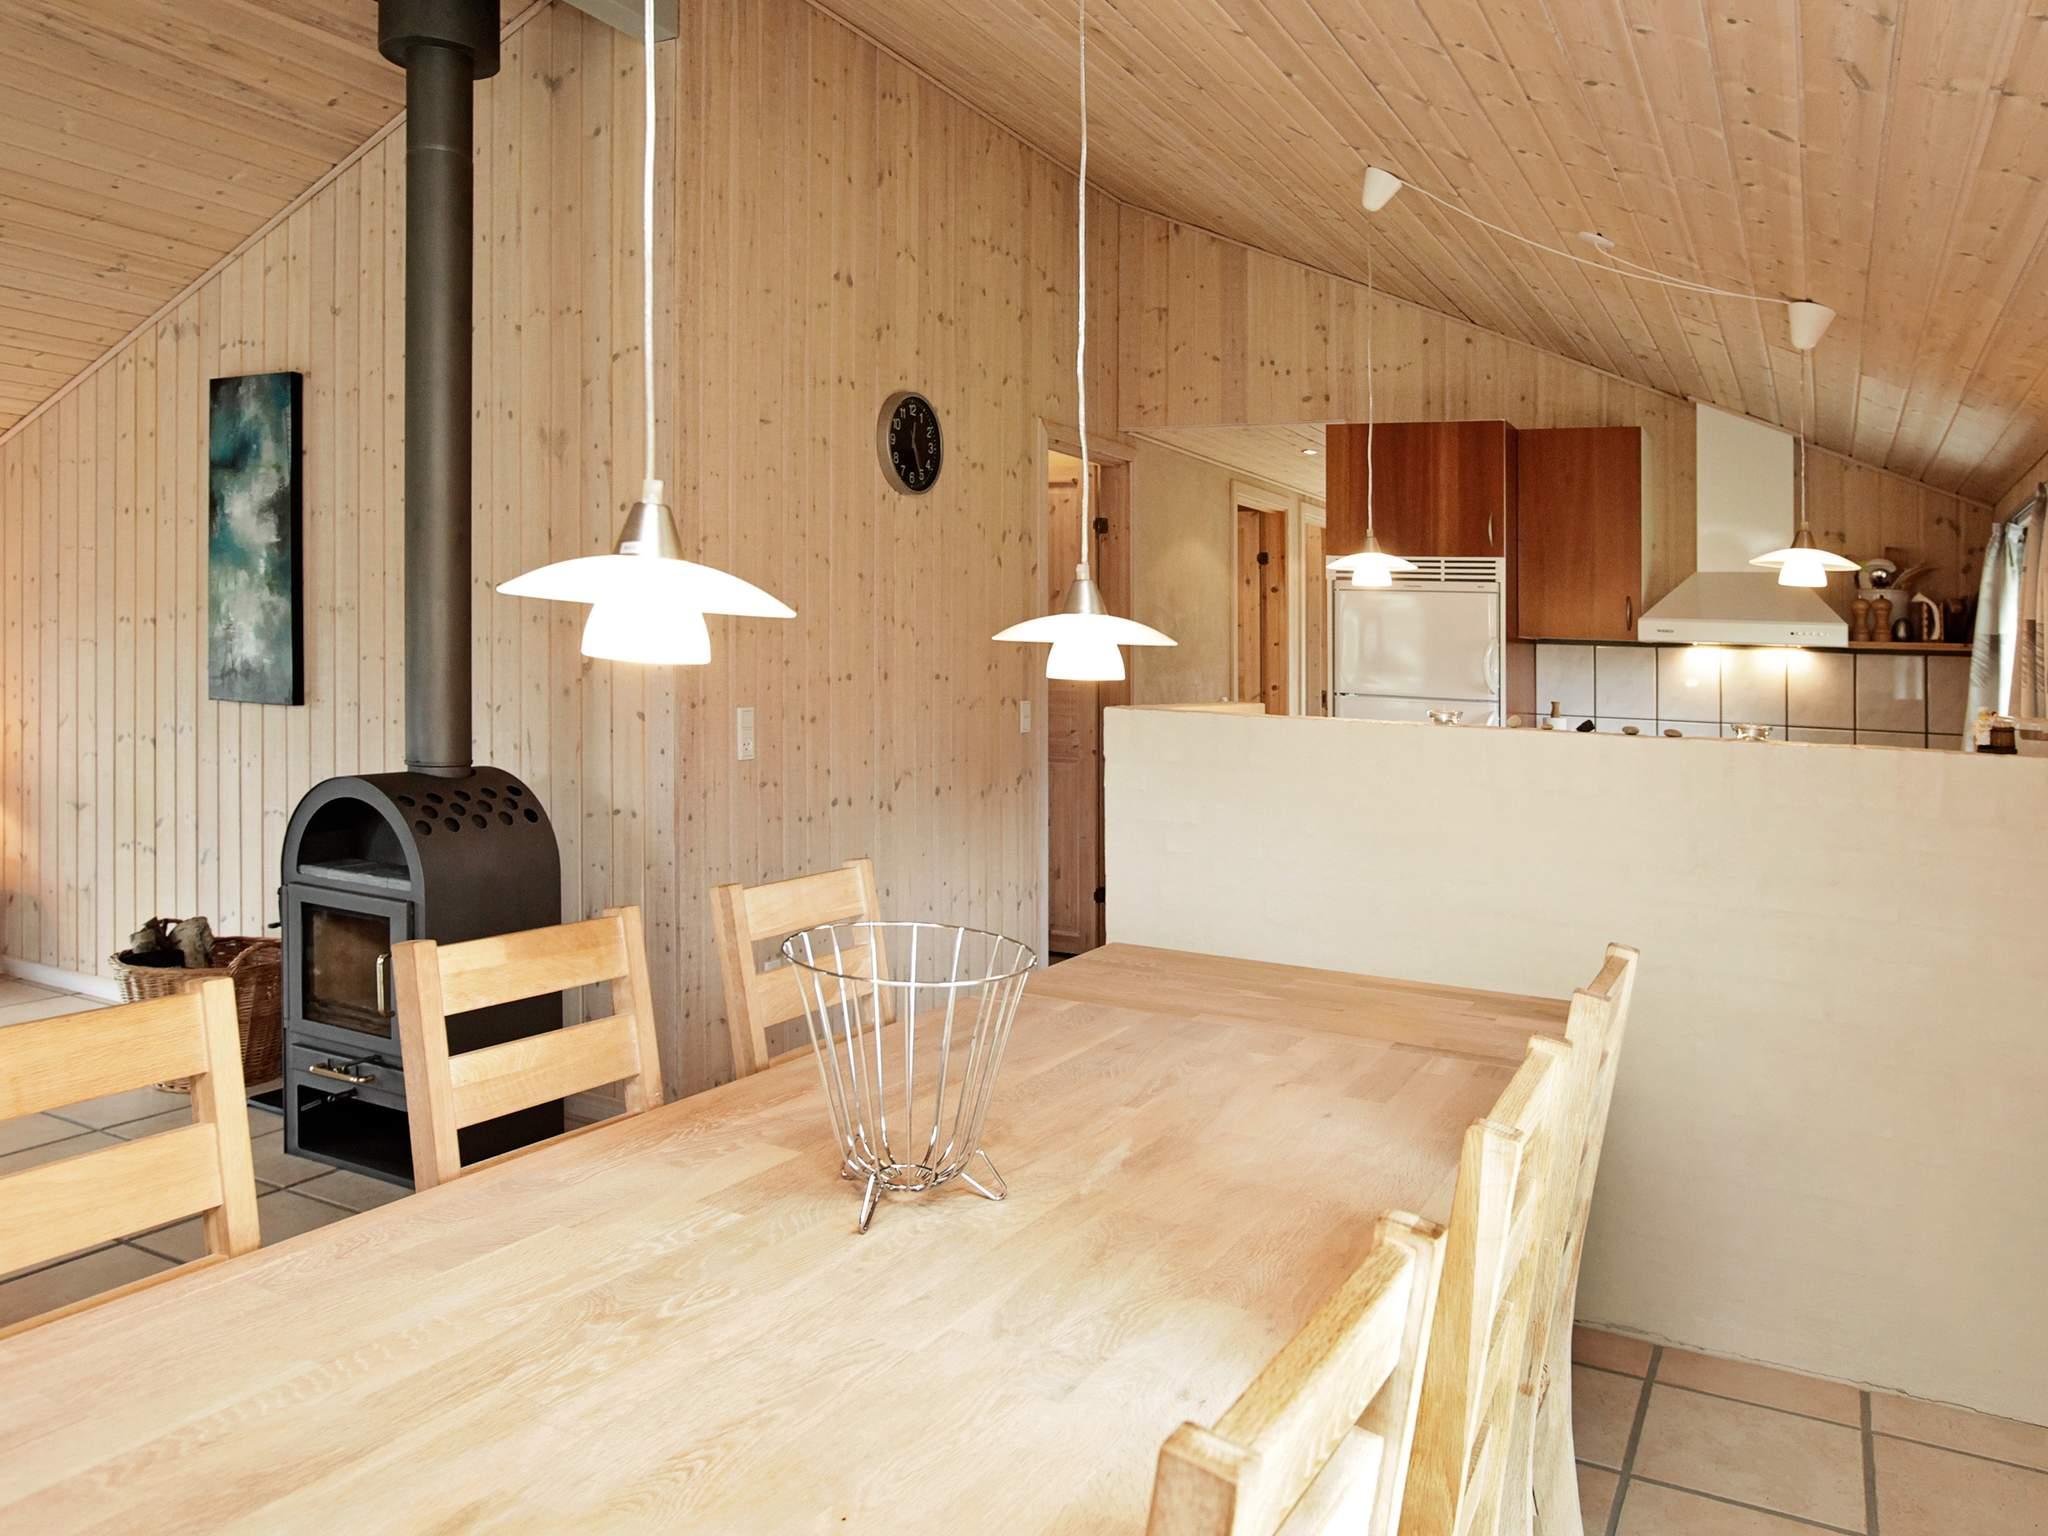 Ferienhaus Jegum (921203), Jegum, , Westjütland, Dänemark, Bild 6